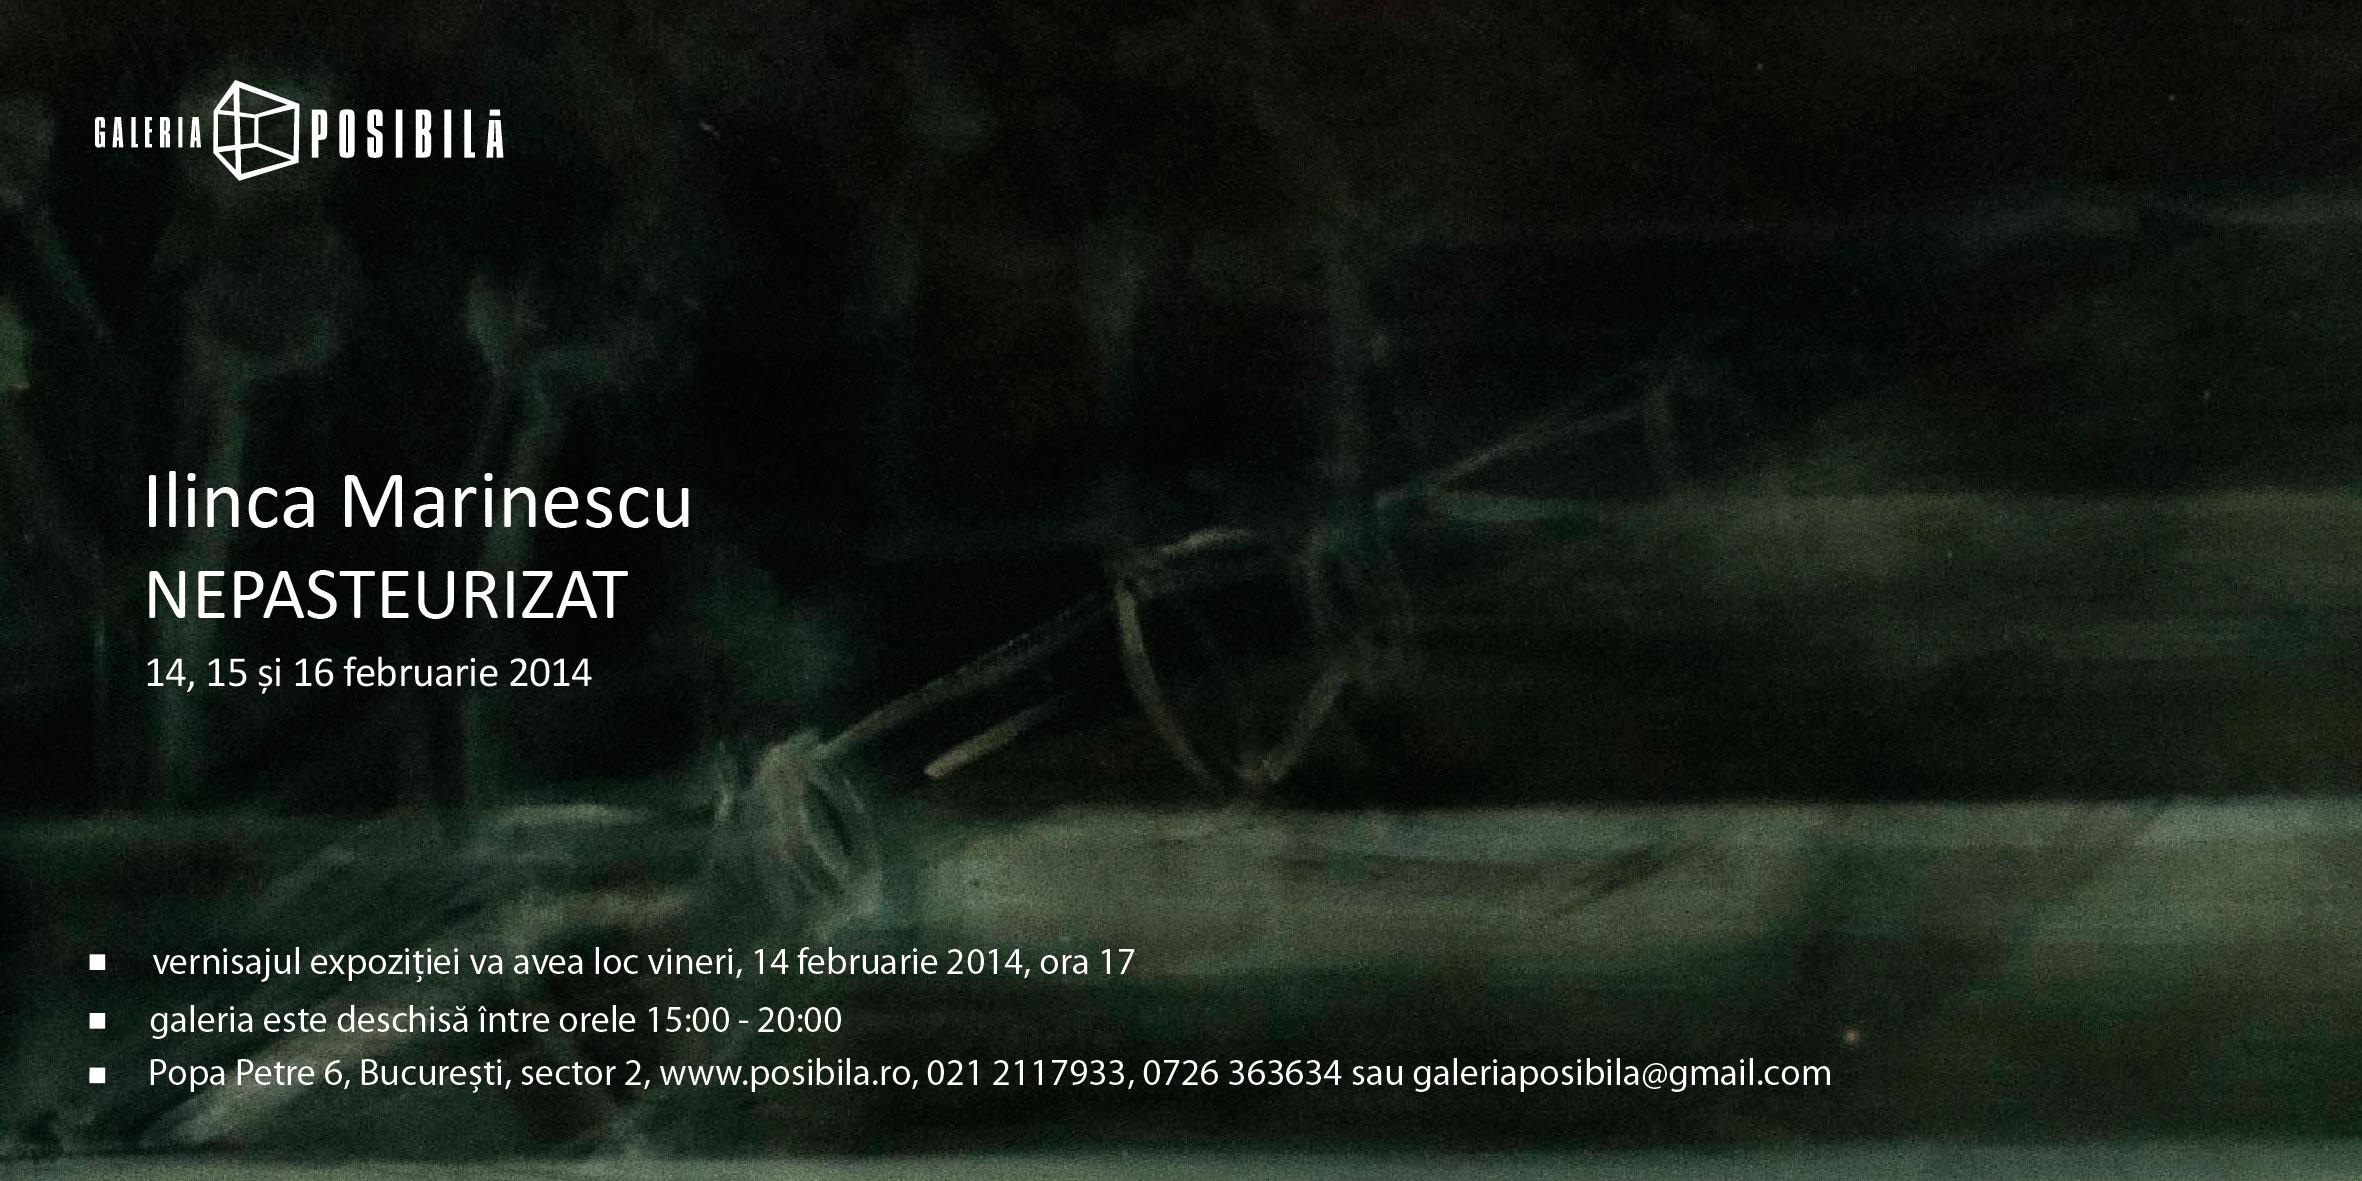 """Ilinca Marinescu """"Nepasteurizat"""" @ Galeria Posibilă, București"""